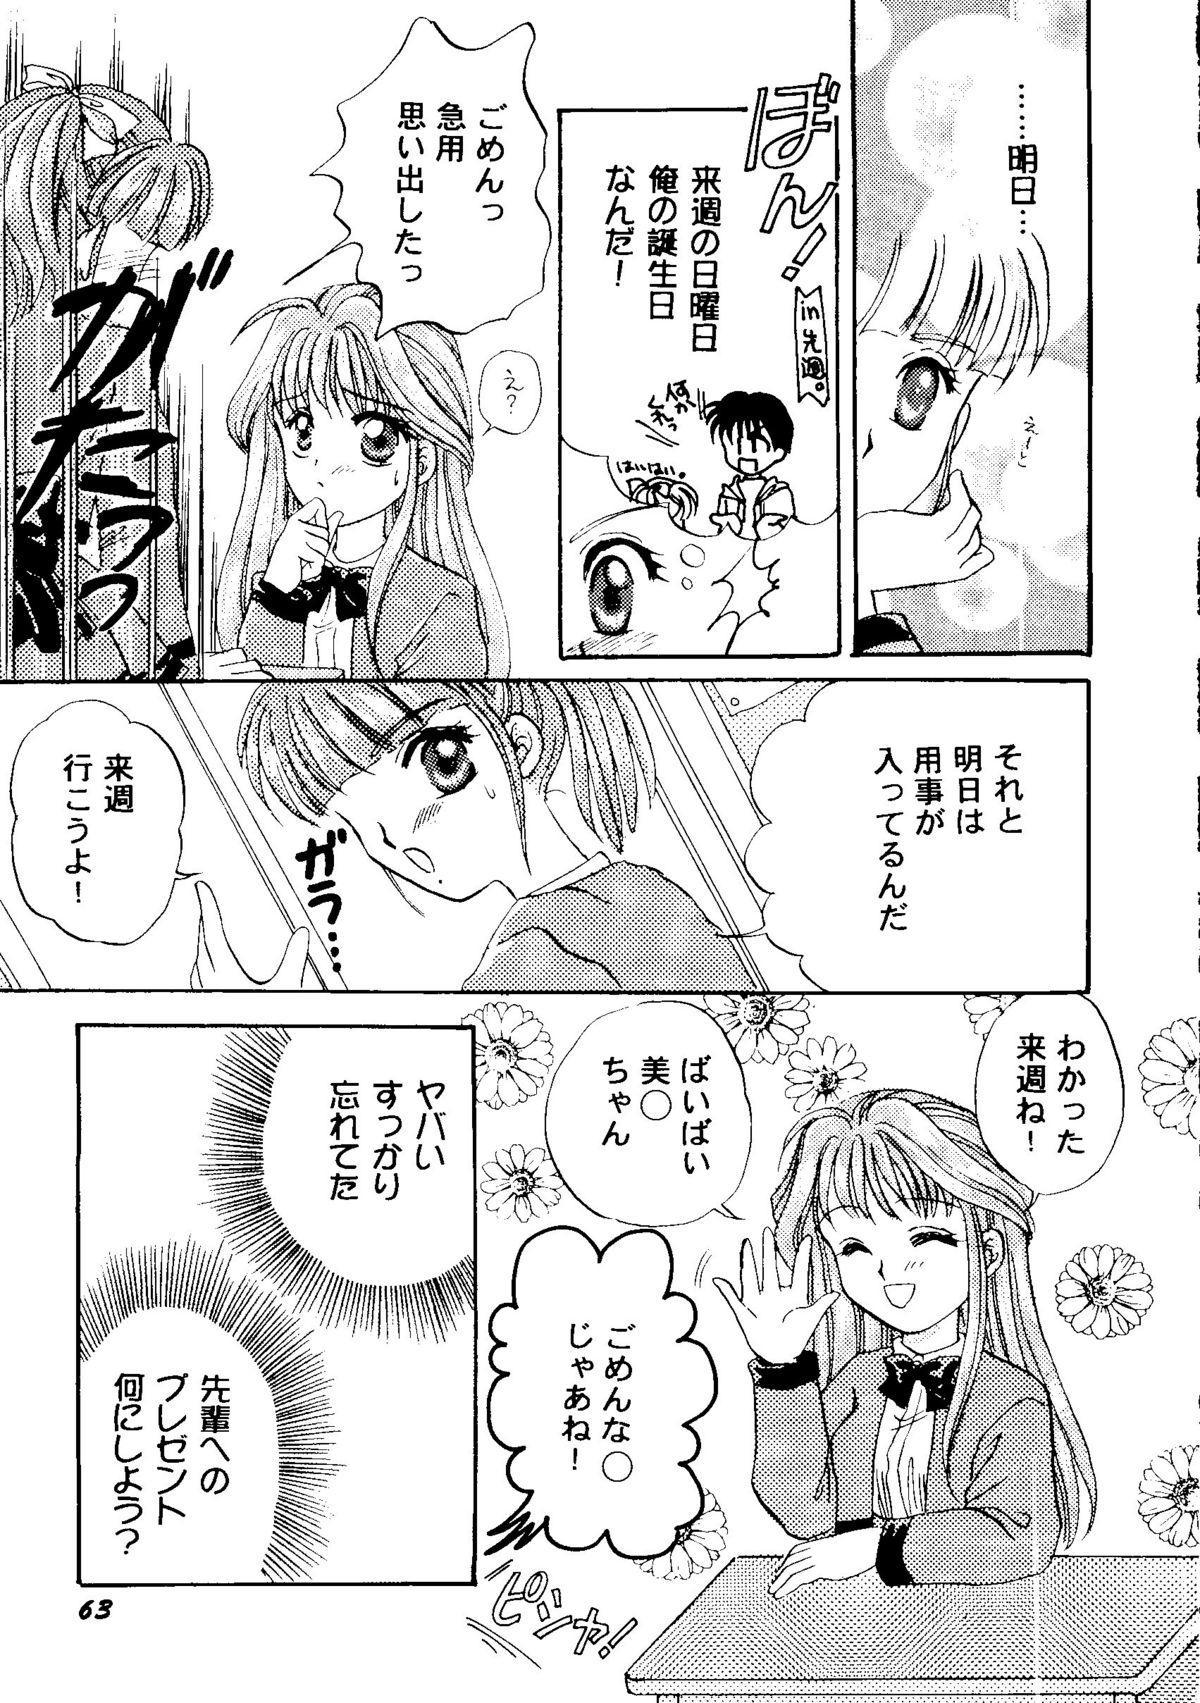 Bishoujo Doujinshi Anthology Cute 2 64